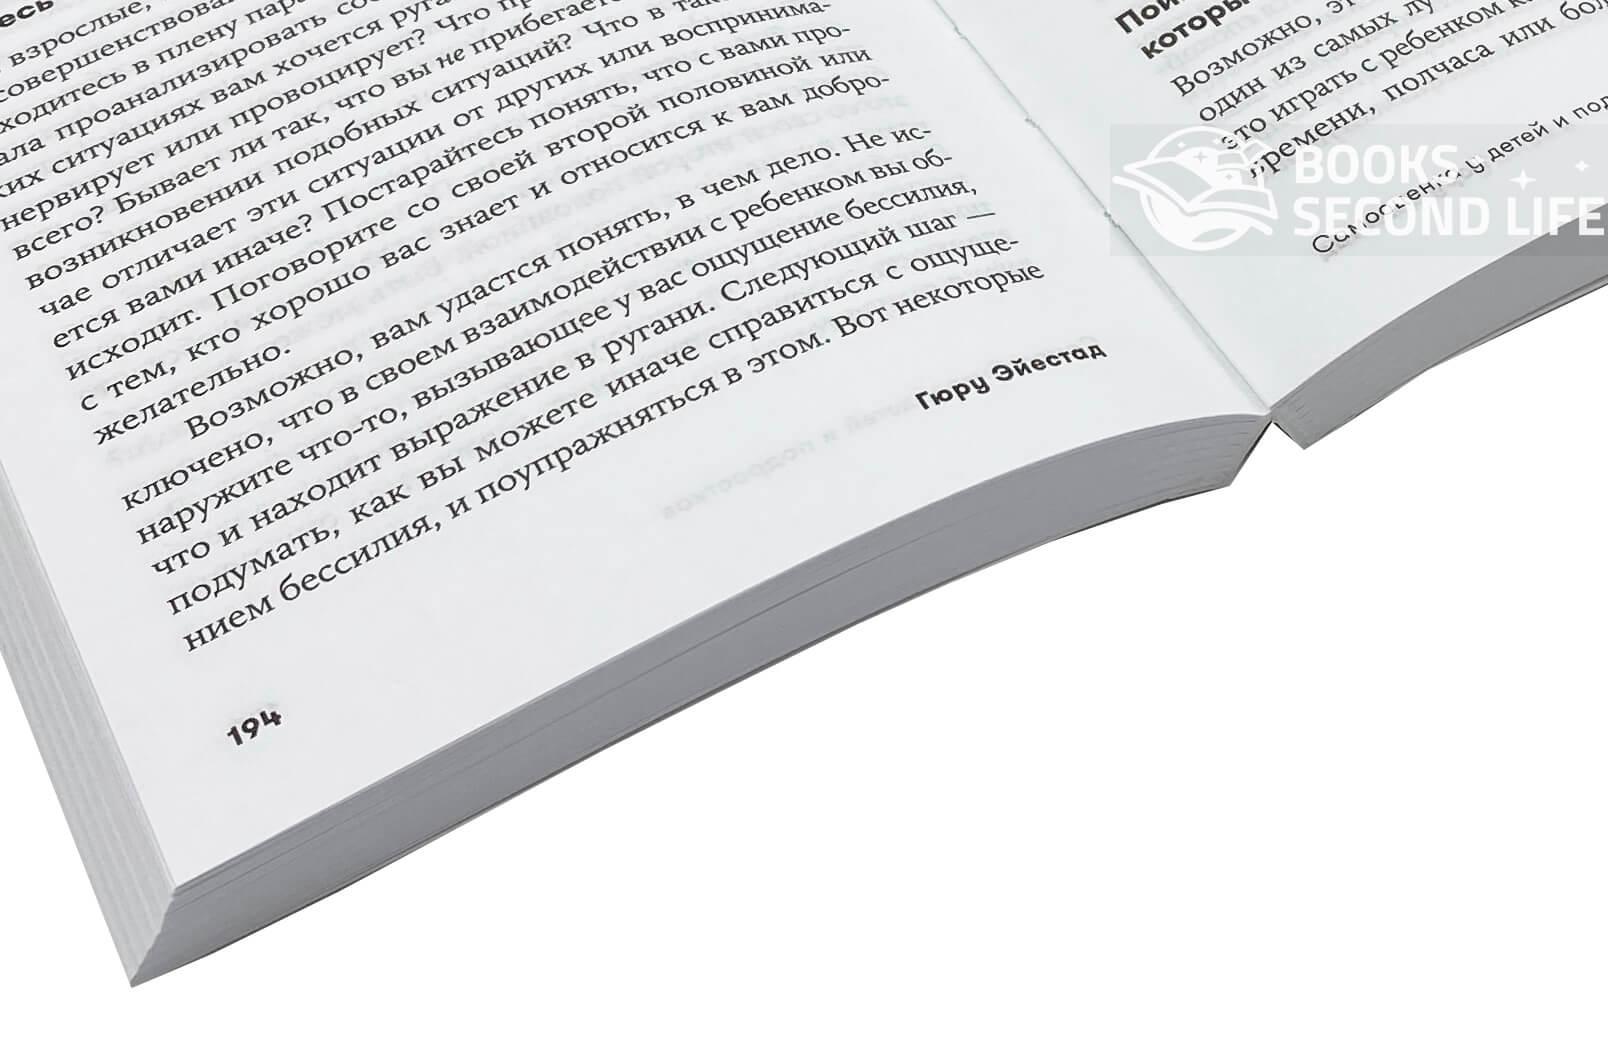 Самооценка у детей и подростков. Книга для родителей. Автор — Гюру Эйестад. Переплет —